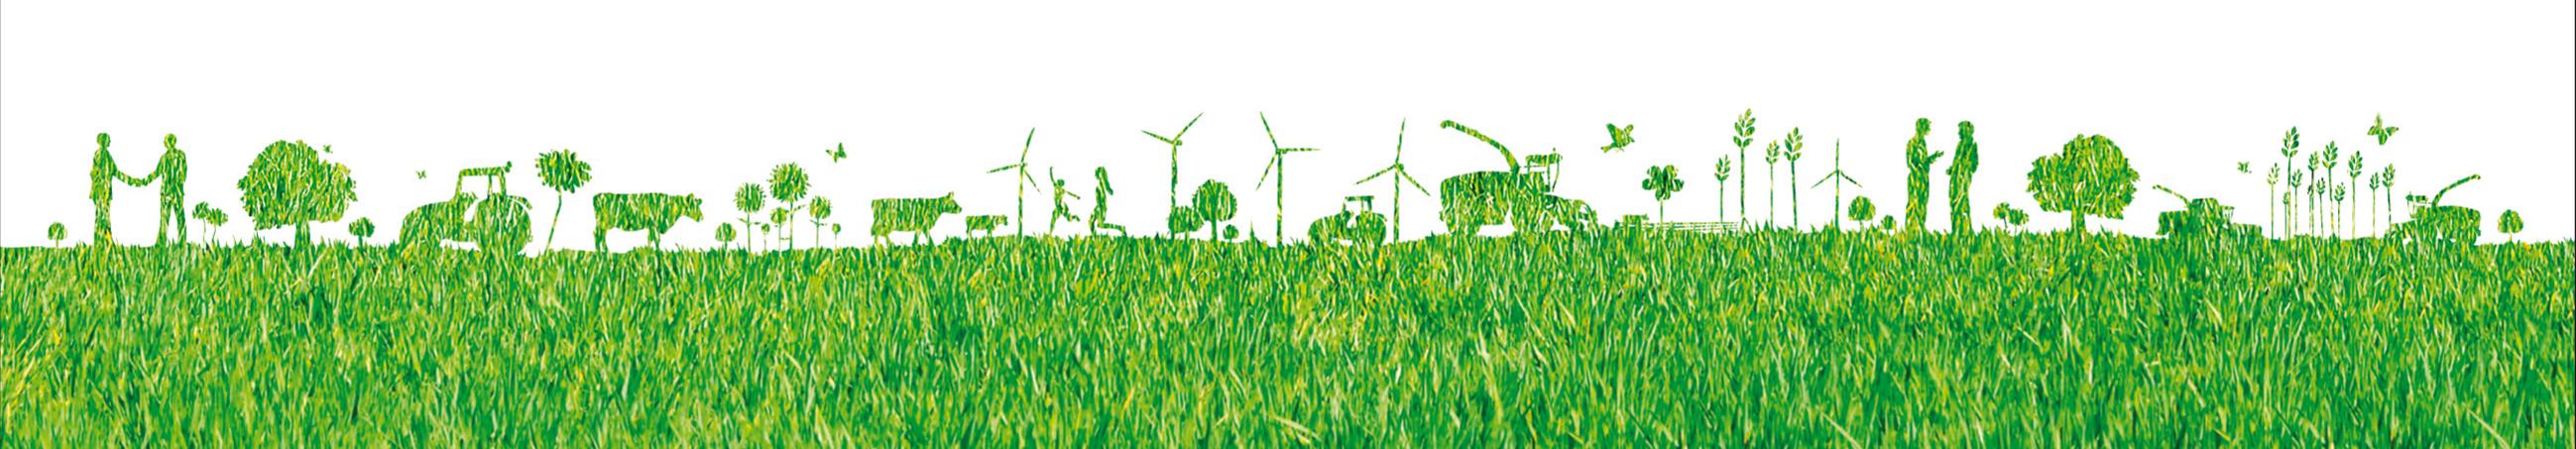 La fili re bois s anime au salon aux champs bois energie for Salon aux champs